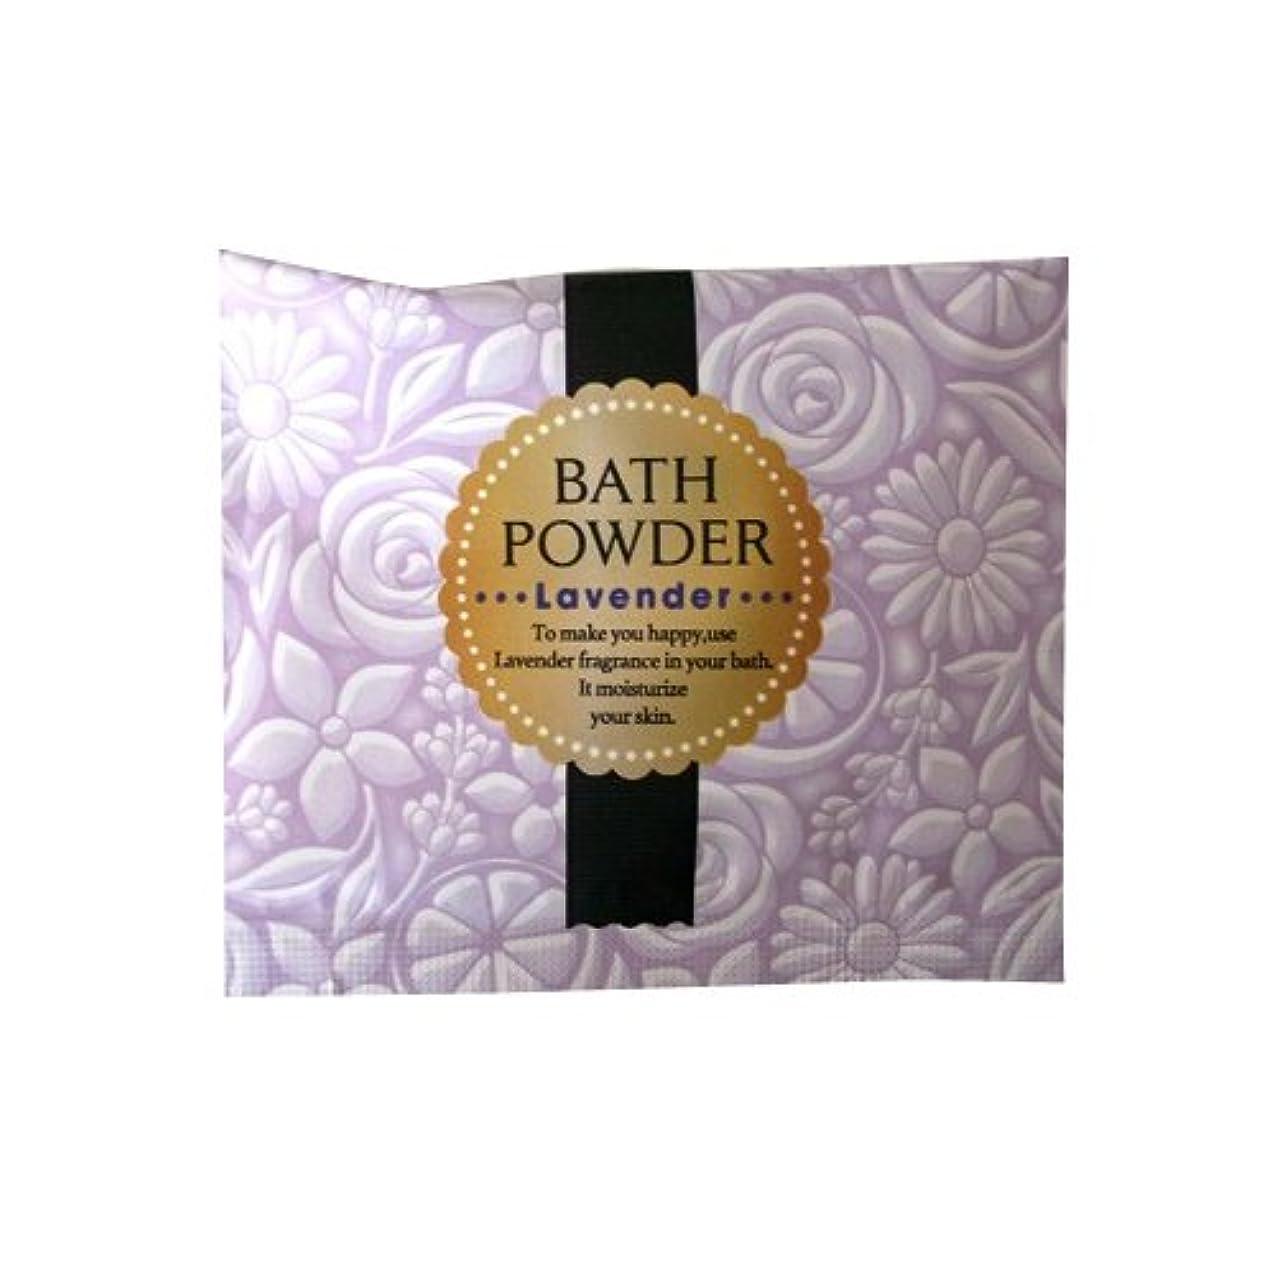 命令的ビルマバクテリア入浴剤 LUCKY BATH (ラッキーバス) 25g ラベンダーの香り